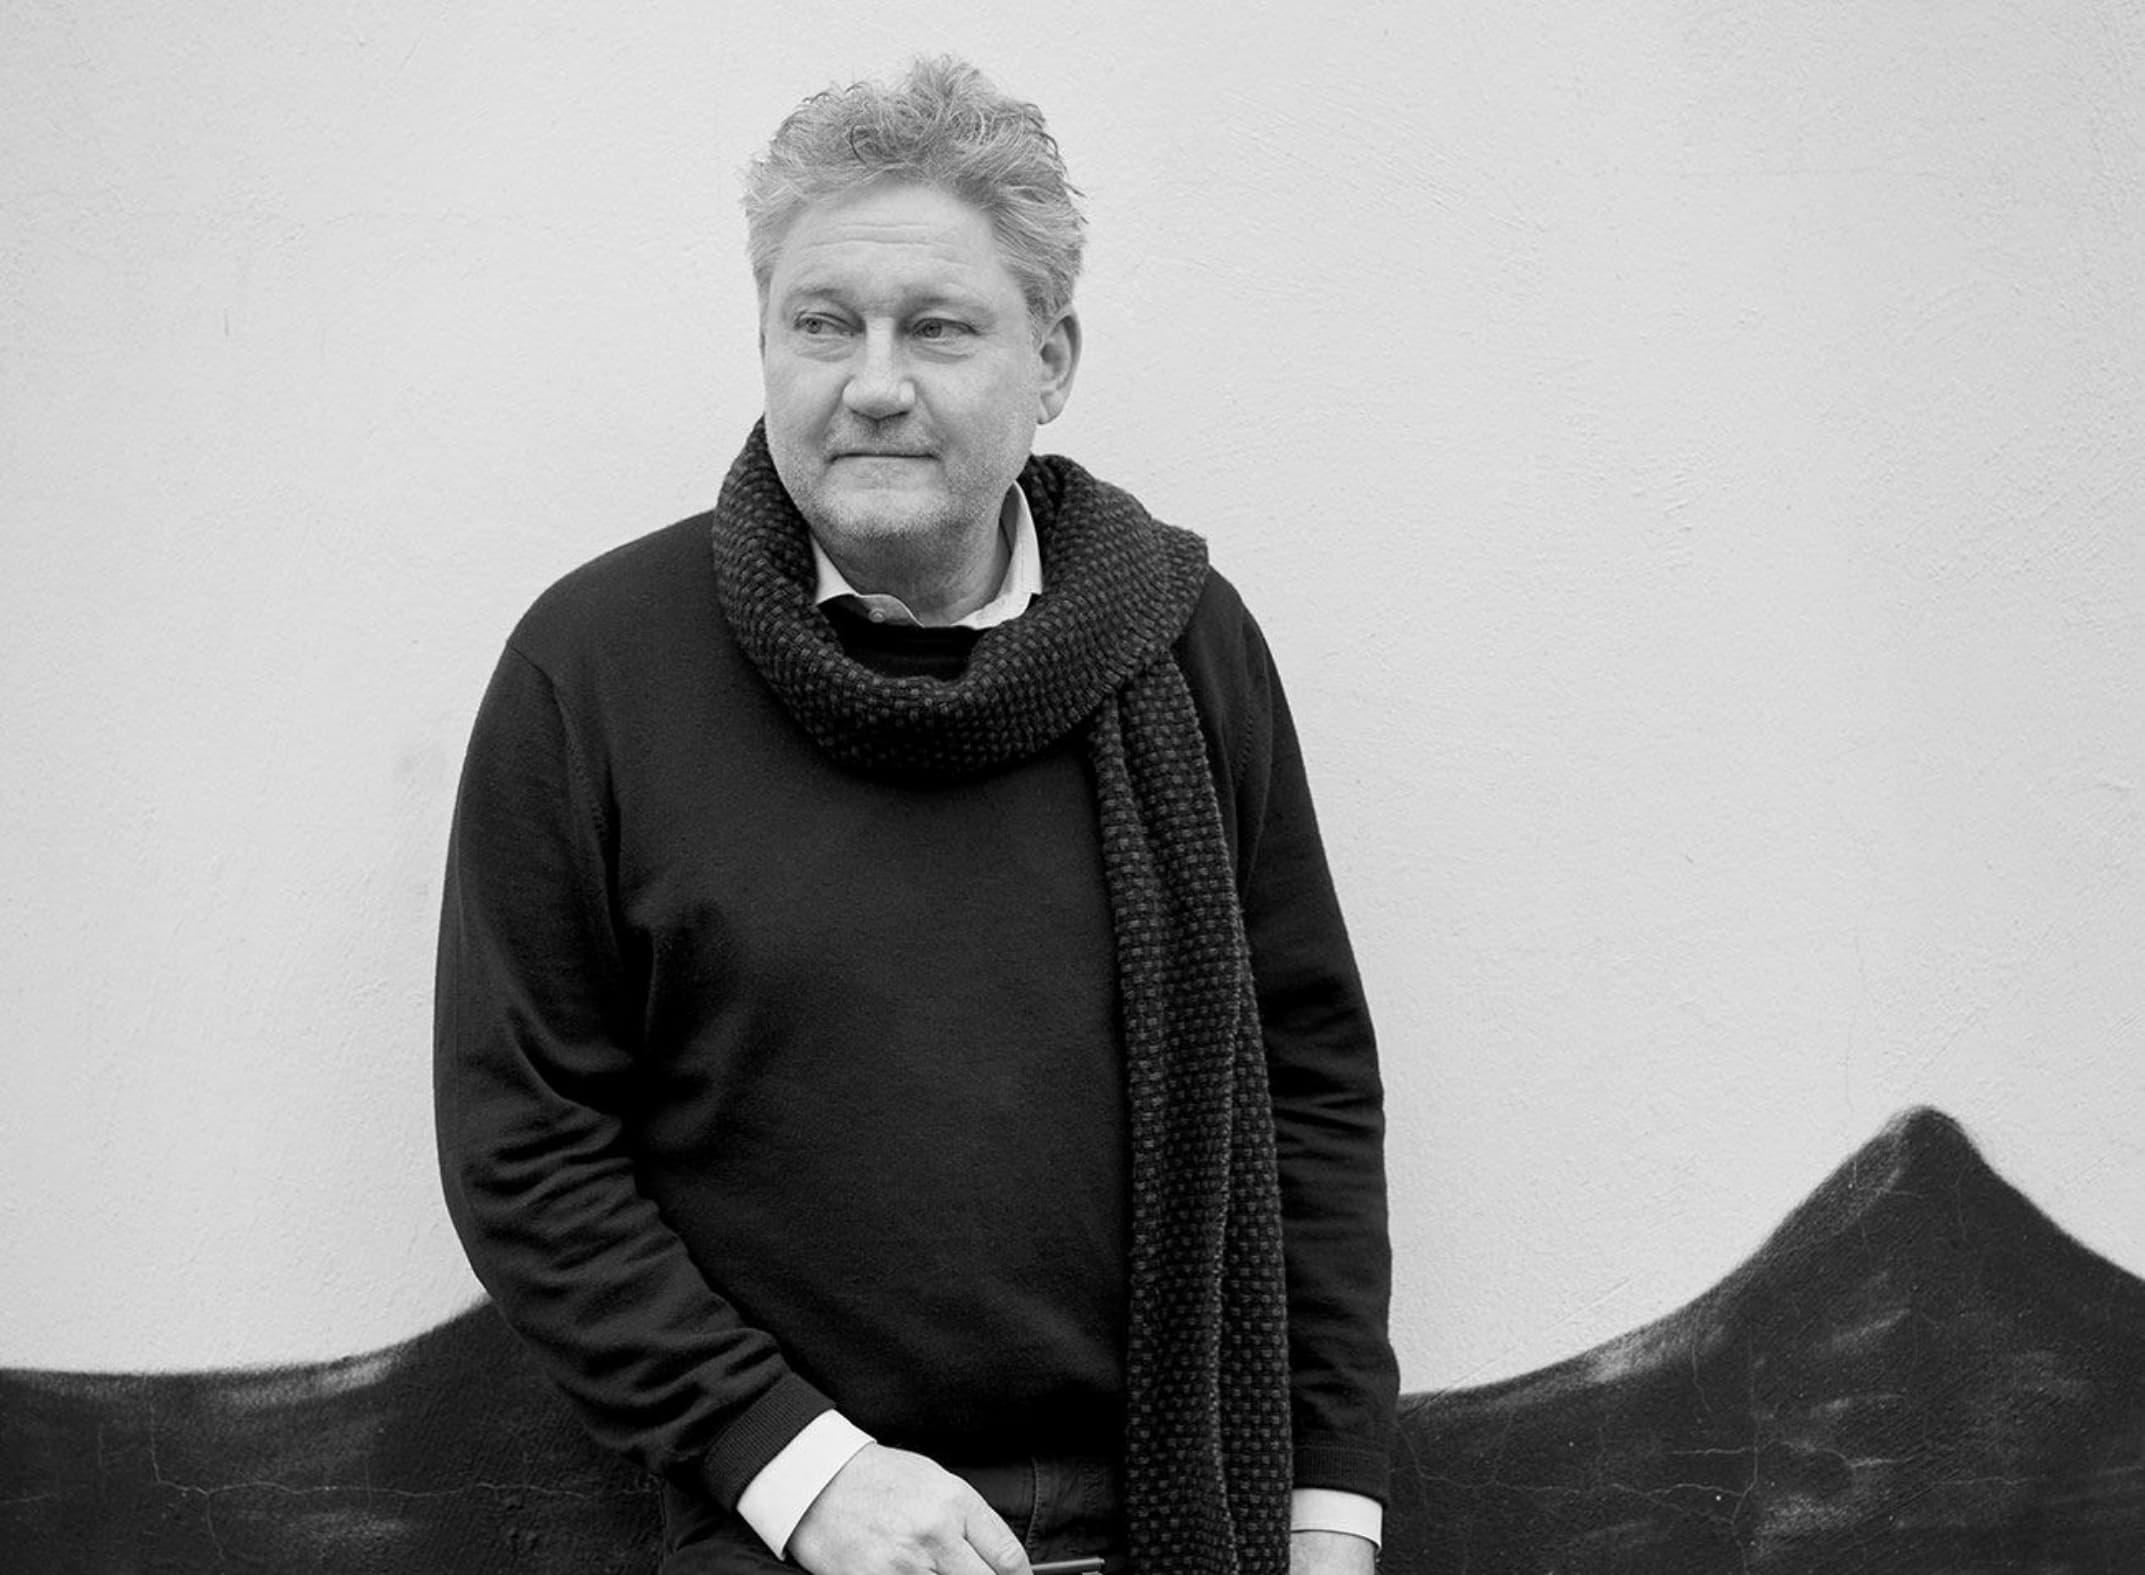 Anders Nørgaard, BoConcept Furniture Designer